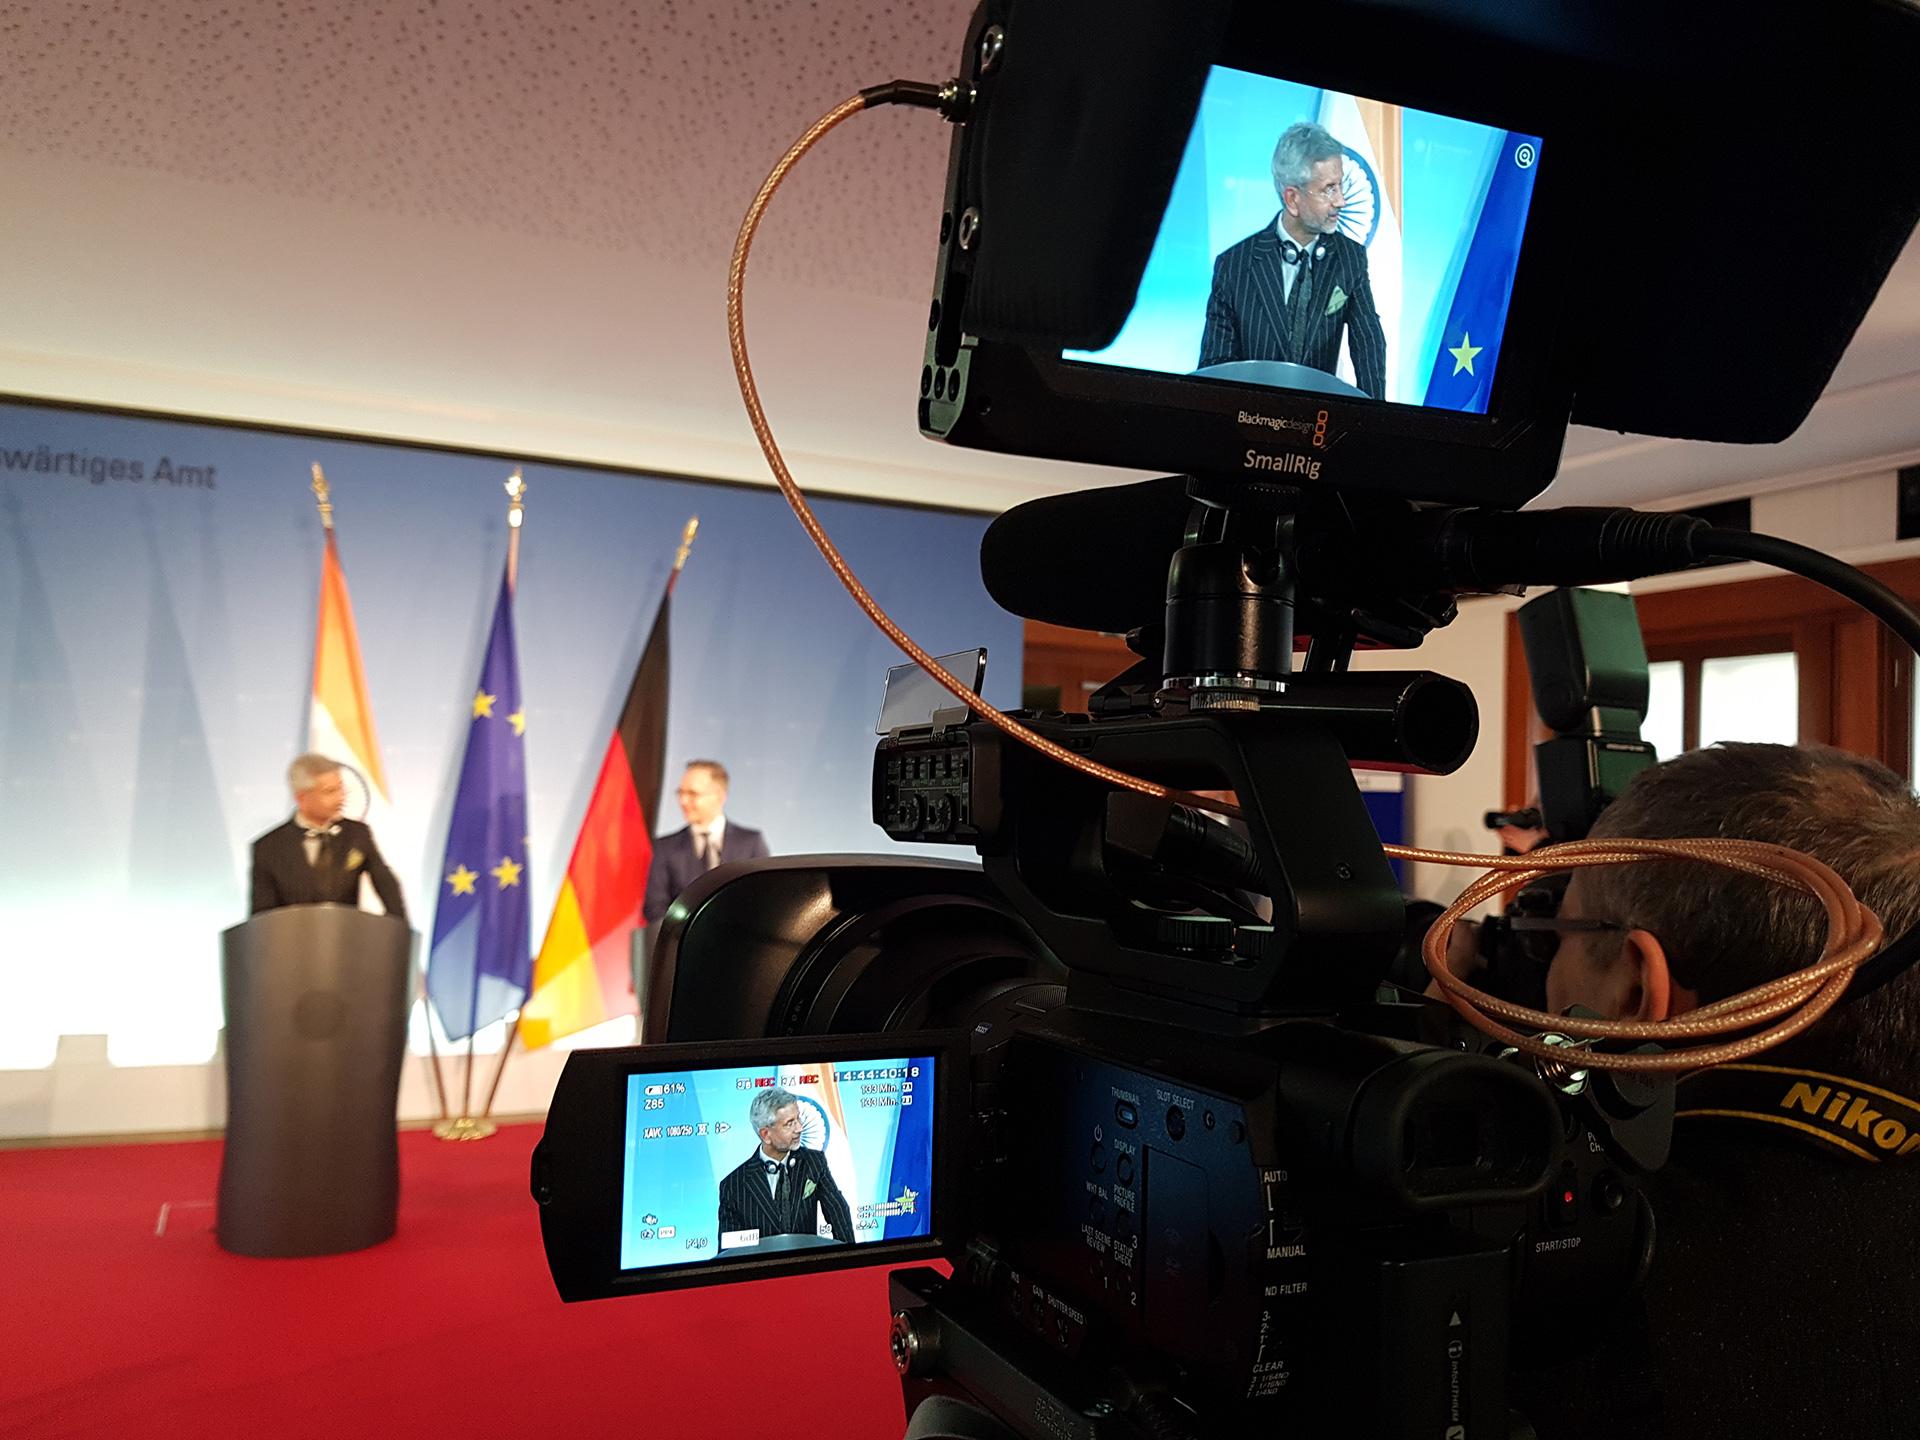 Pressekonferenz Auswärtiges Amt